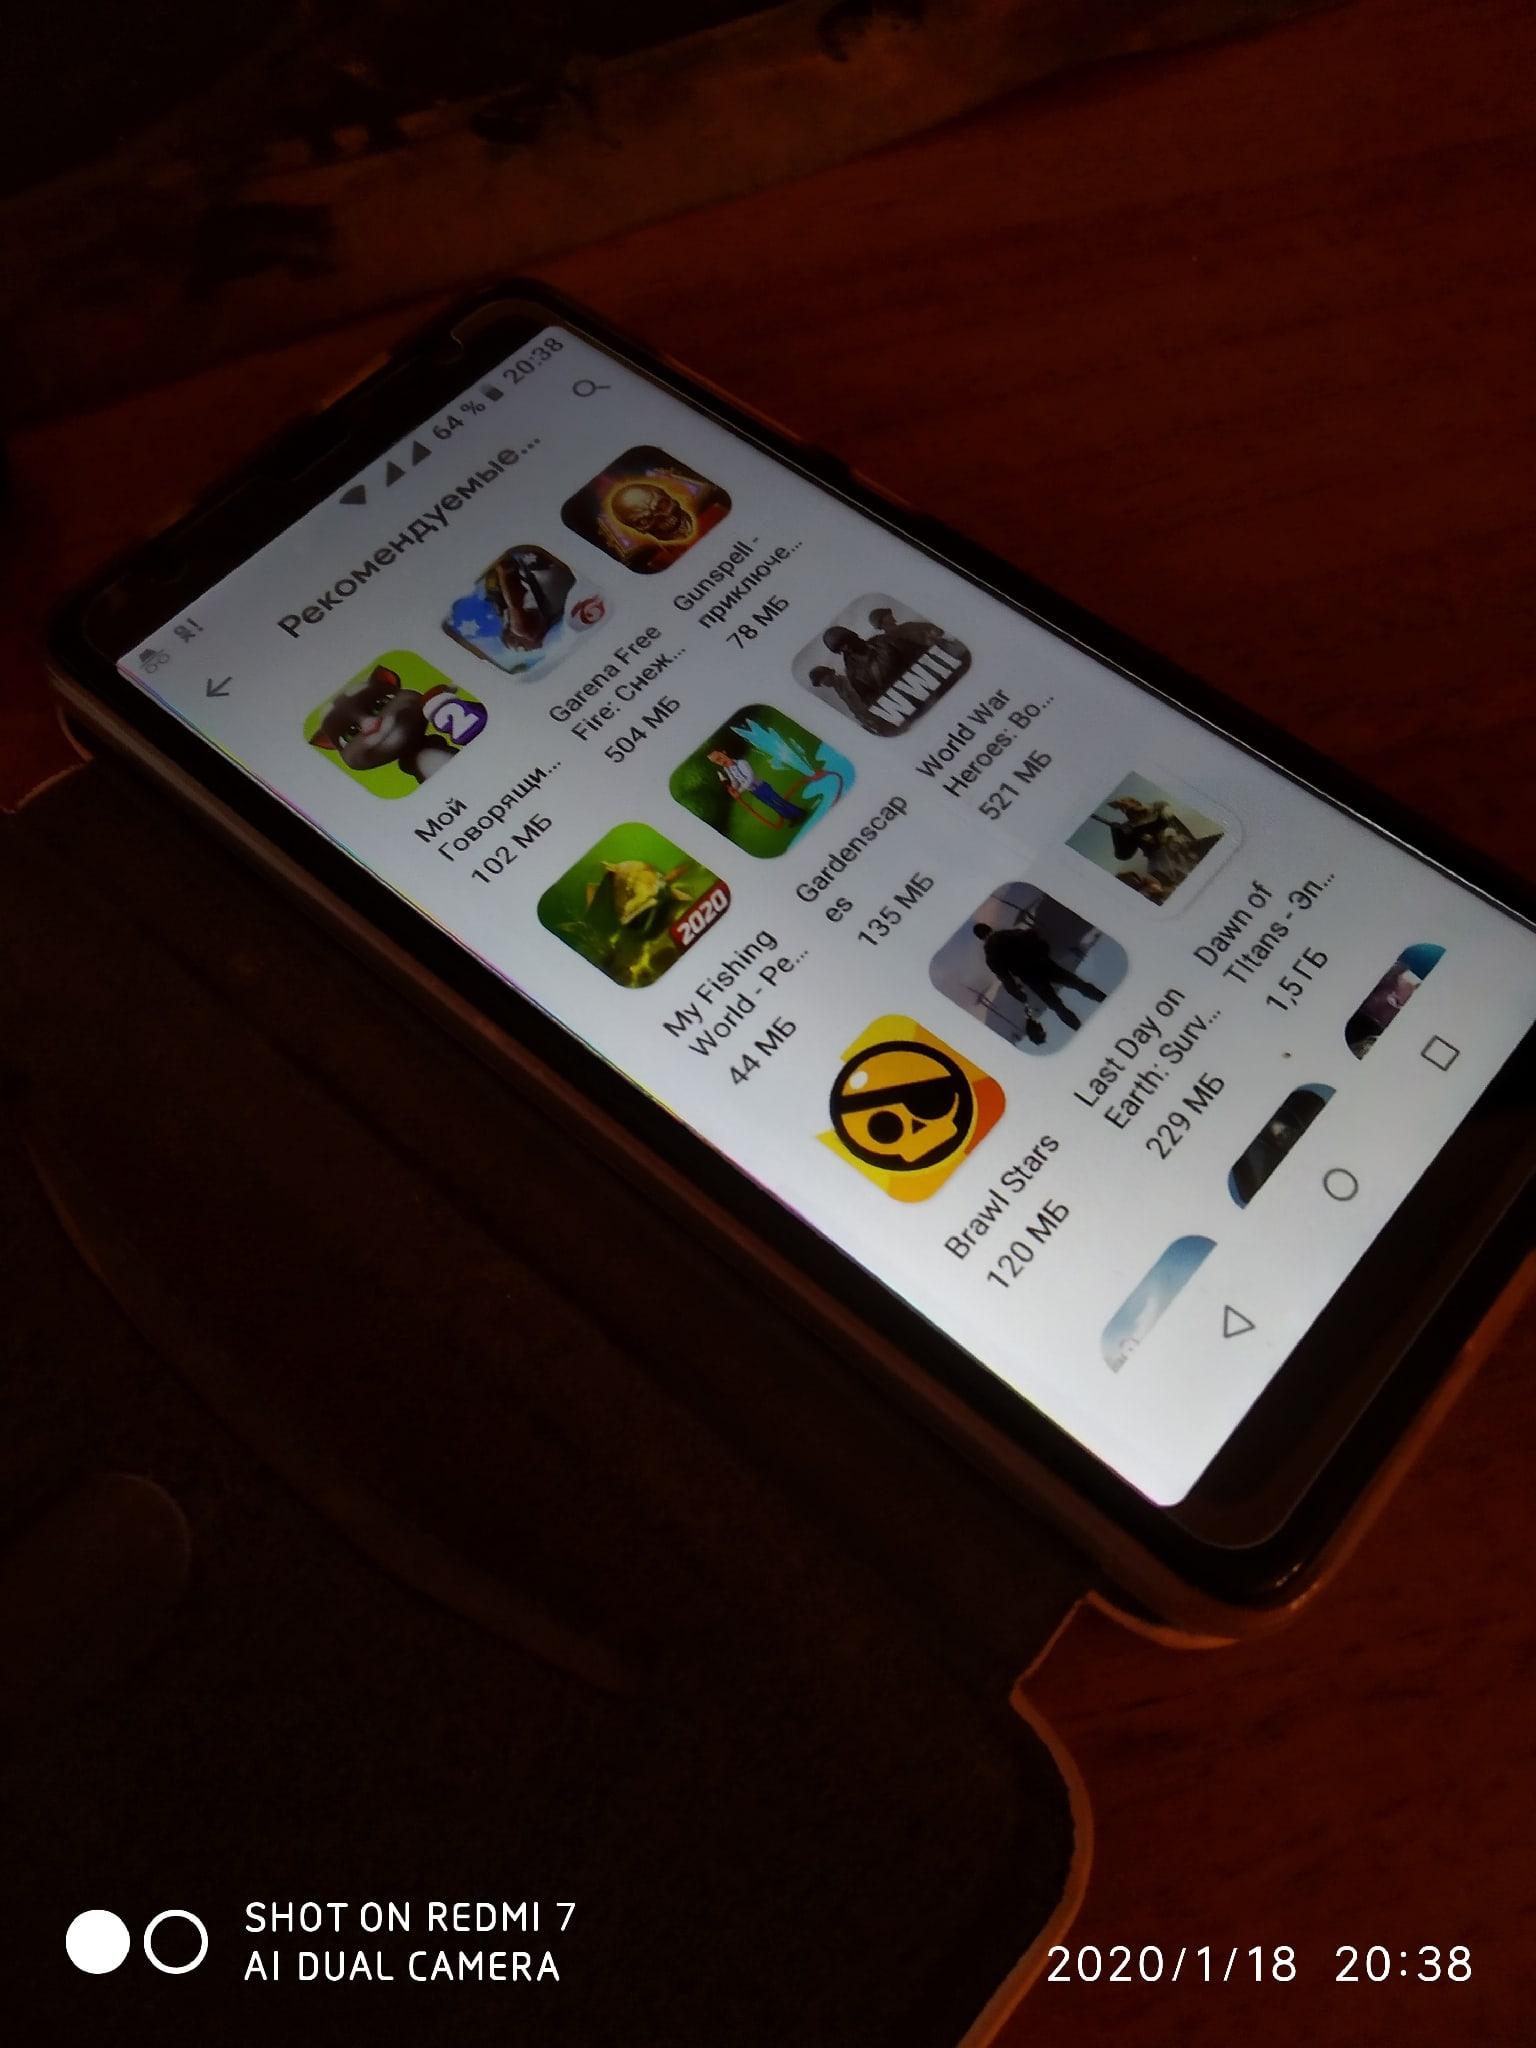 Продам BQ 6010G на телефоне есть защитное стекло, так же имеется чехол книжка, телефону меньше года,он на гарантии, причина продажи покупка нового телефона, цена 4000 руб